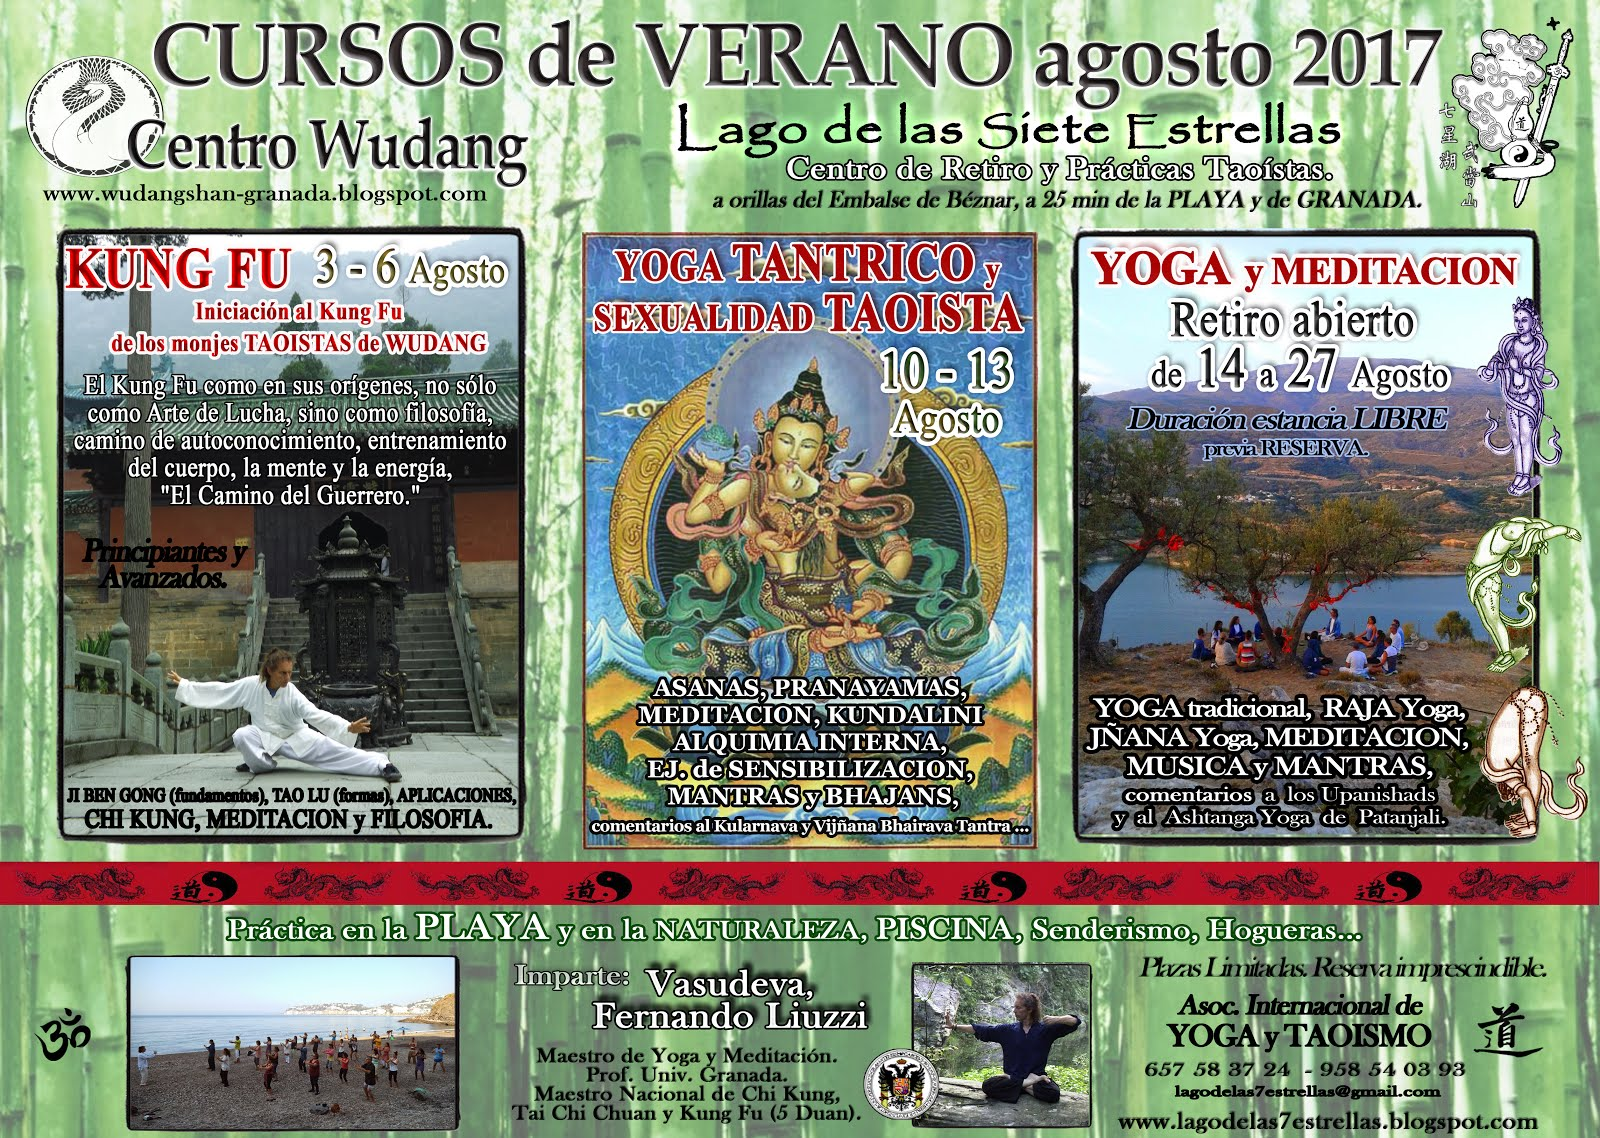 Cursos de Verano 2017: Agosto